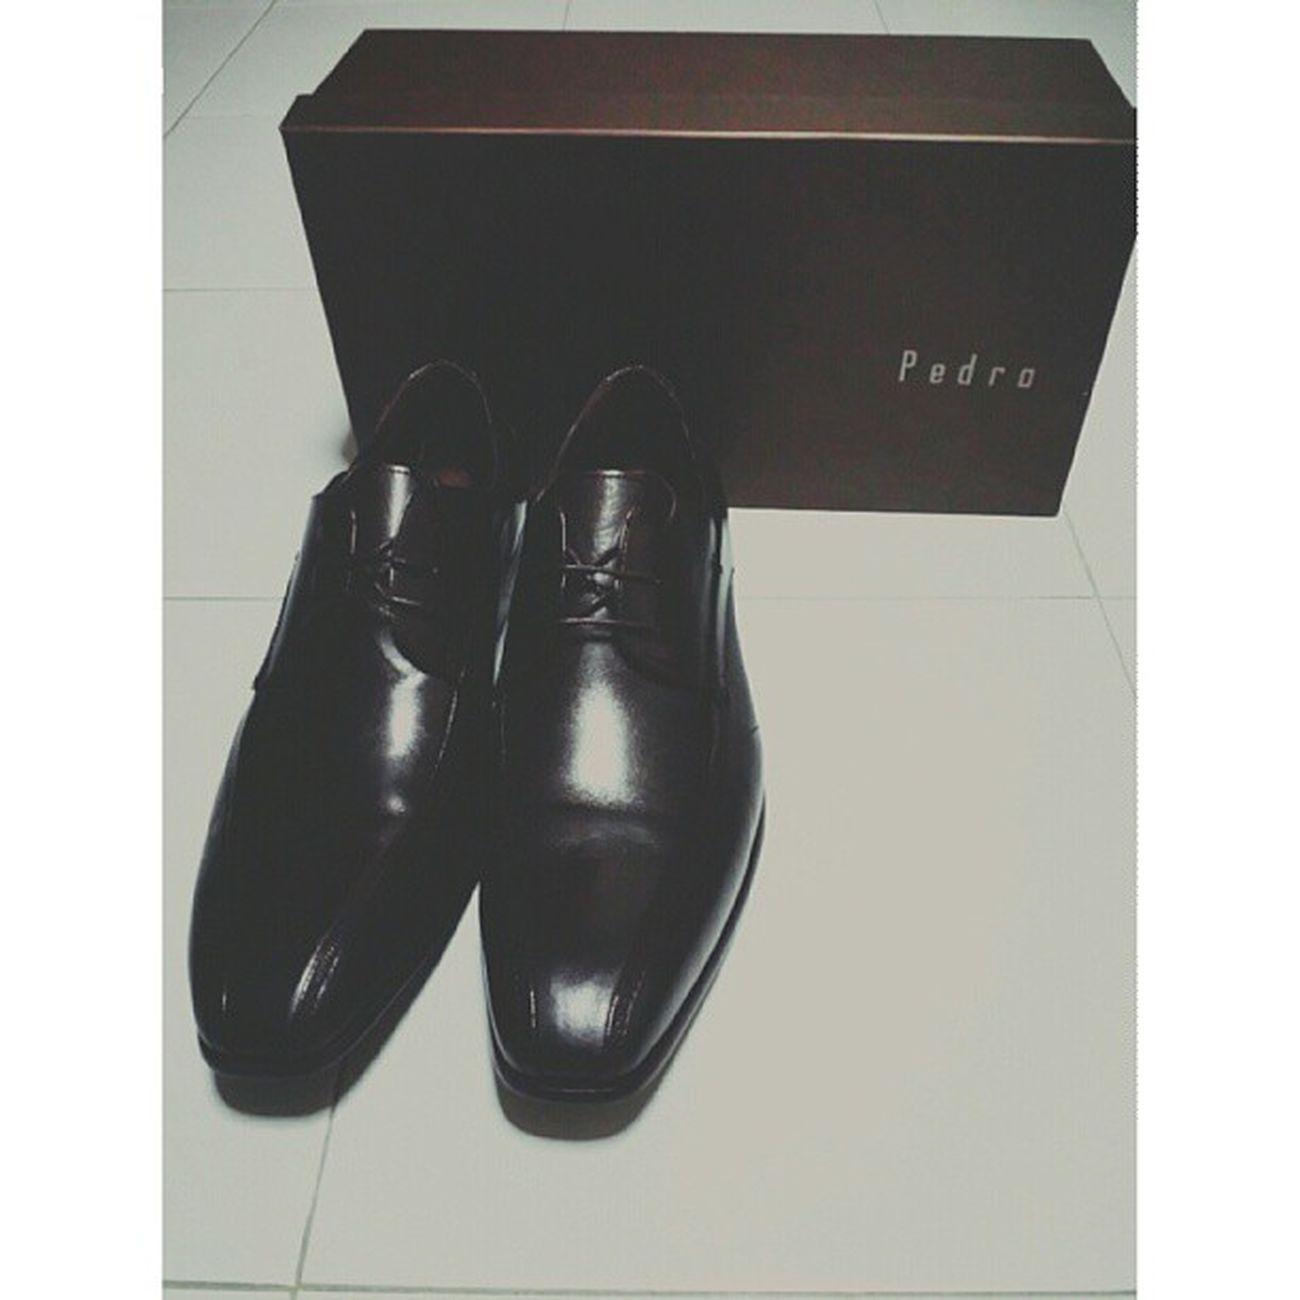 旧的不去,新的不来。As my old formal shoes decided to spoil just barely 2 months of wearing, here comes my Pedro formal shoes :D looks great and stylish. Formal Shoes New